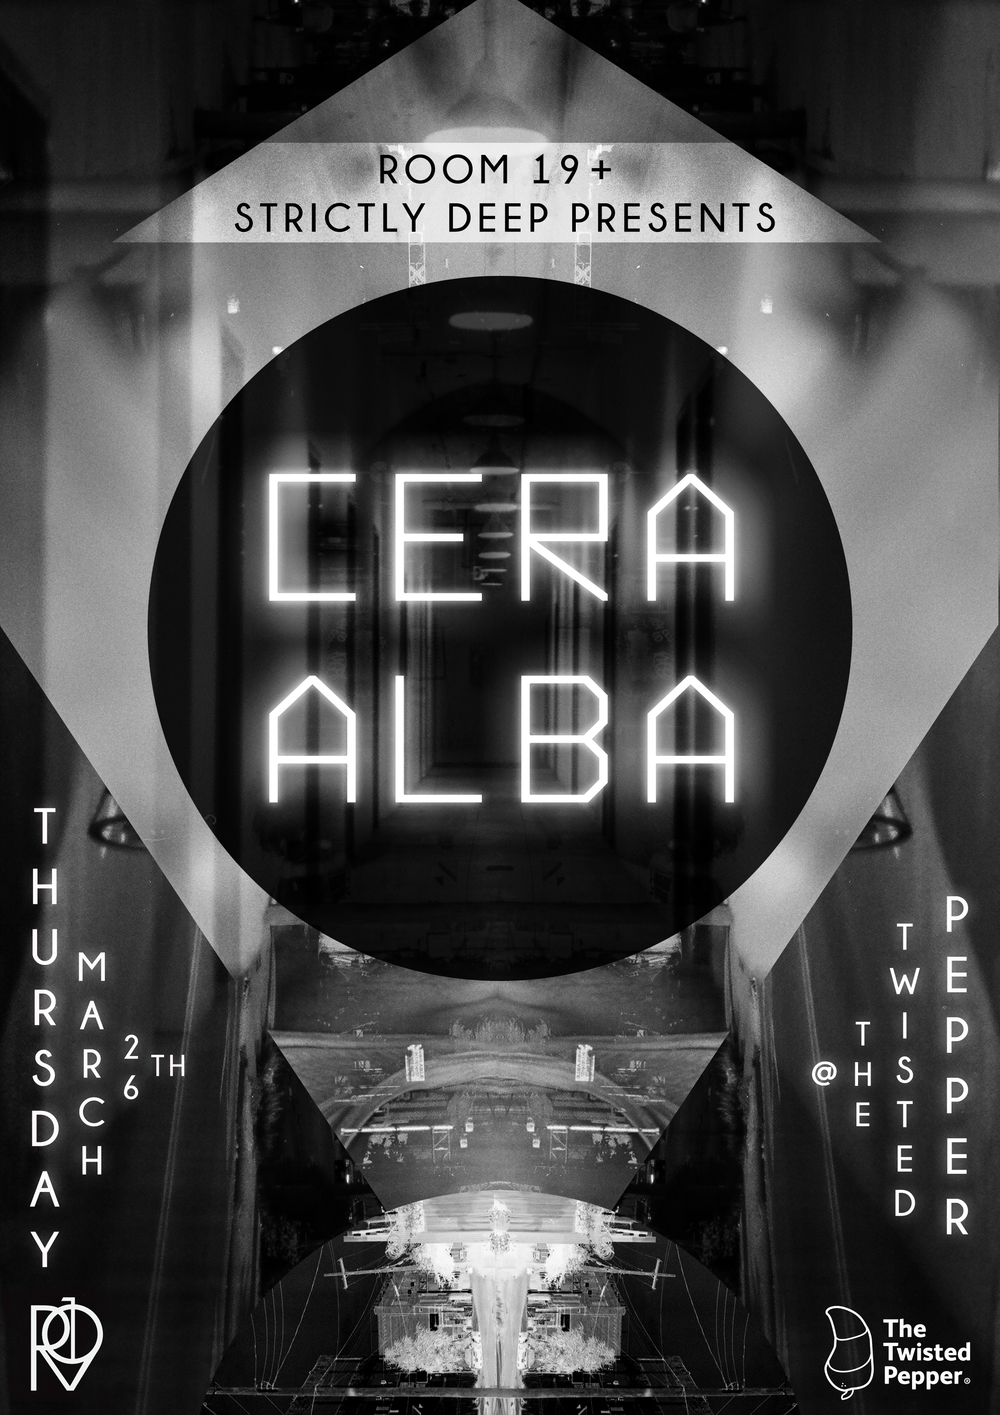 Cera Alba